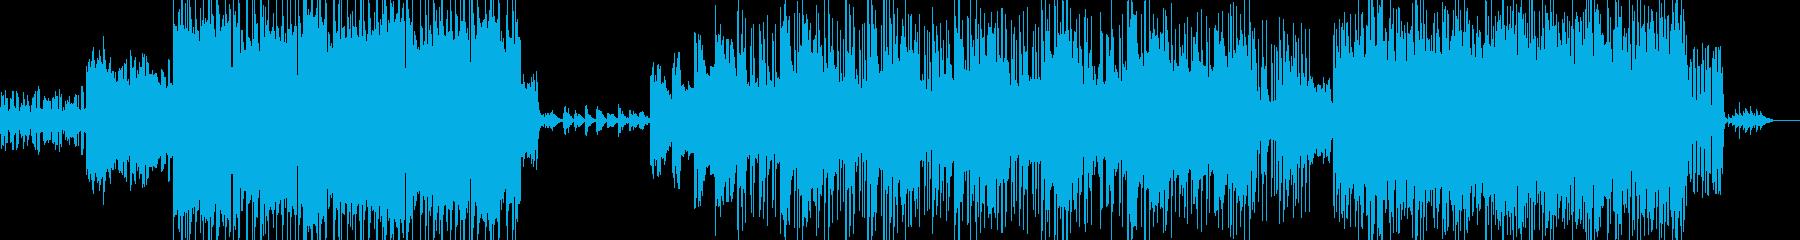 Xmasの夜に聴きたいバラードインストの再生済みの波形